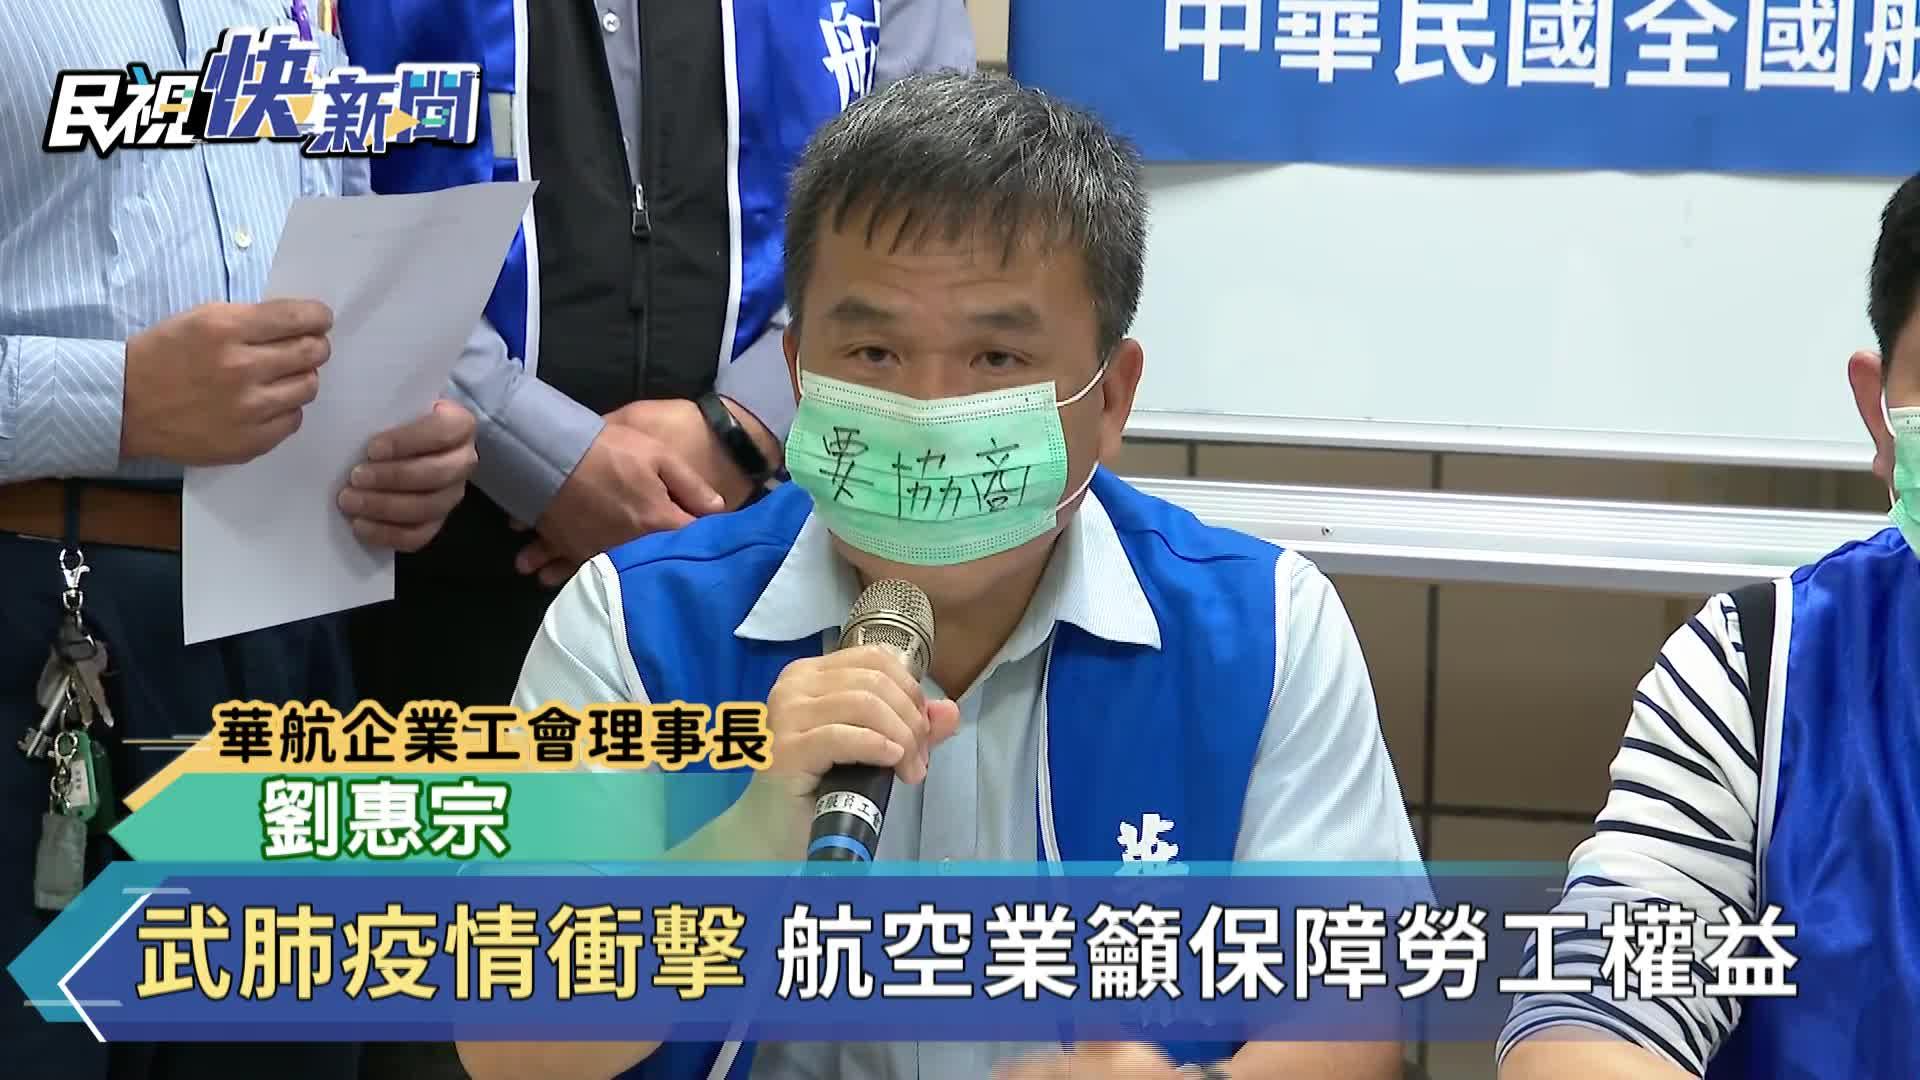 快新聞/「鐵打的好漢禁不起3天烙賽」! 華航企業工會籲政府應拿出實質補貼